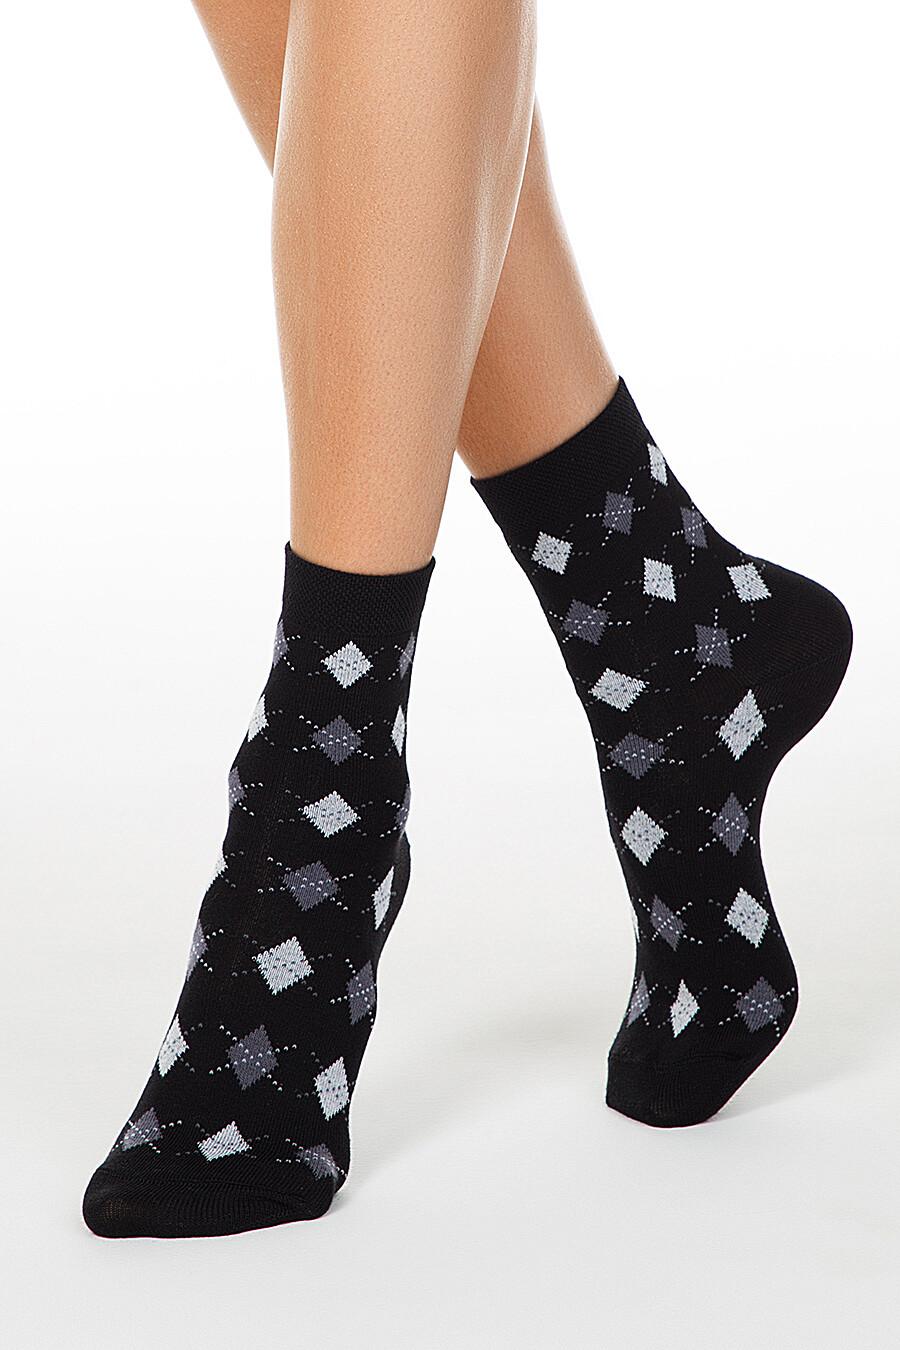 Носки для женщин БРЕСТСКИЕ 226872 купить оптом от производителя. Совместная покупка женской одежды в OptMoyo